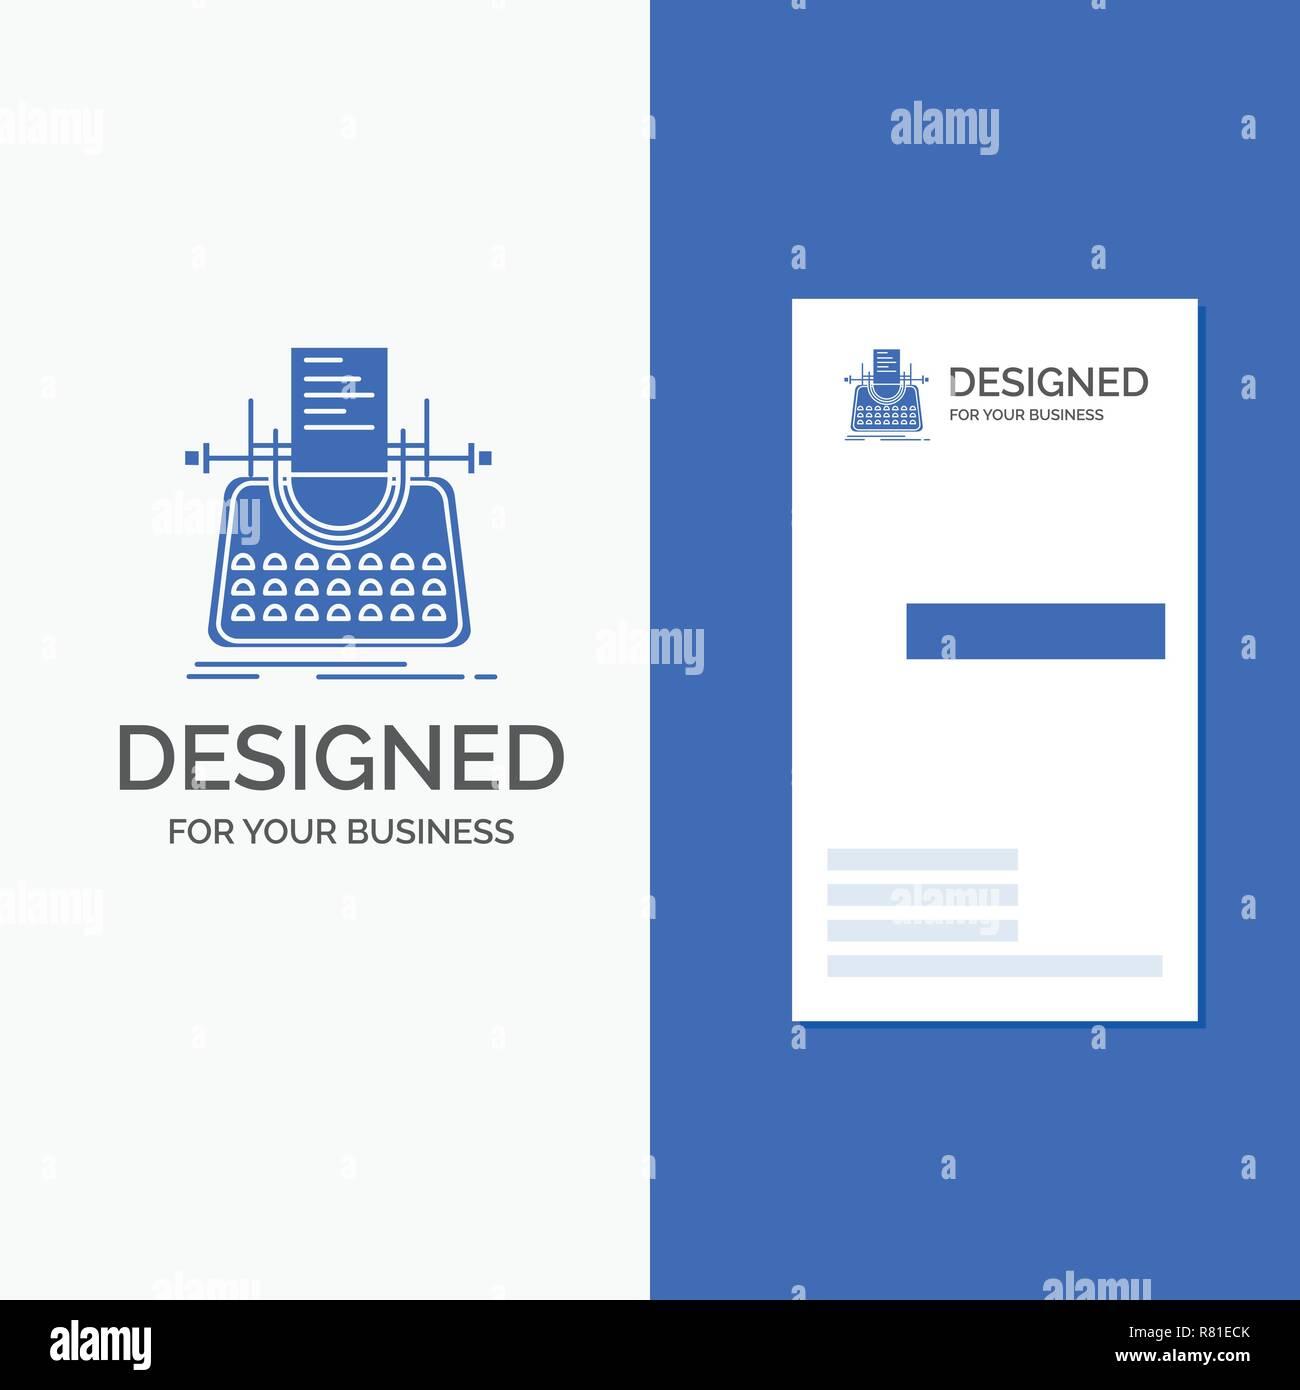 Logo Dentreprise Pour Larticle Blog Histoire Machine A Ecrire Ecrivain Bleu Vertical Affaires Modele De Carte Visite